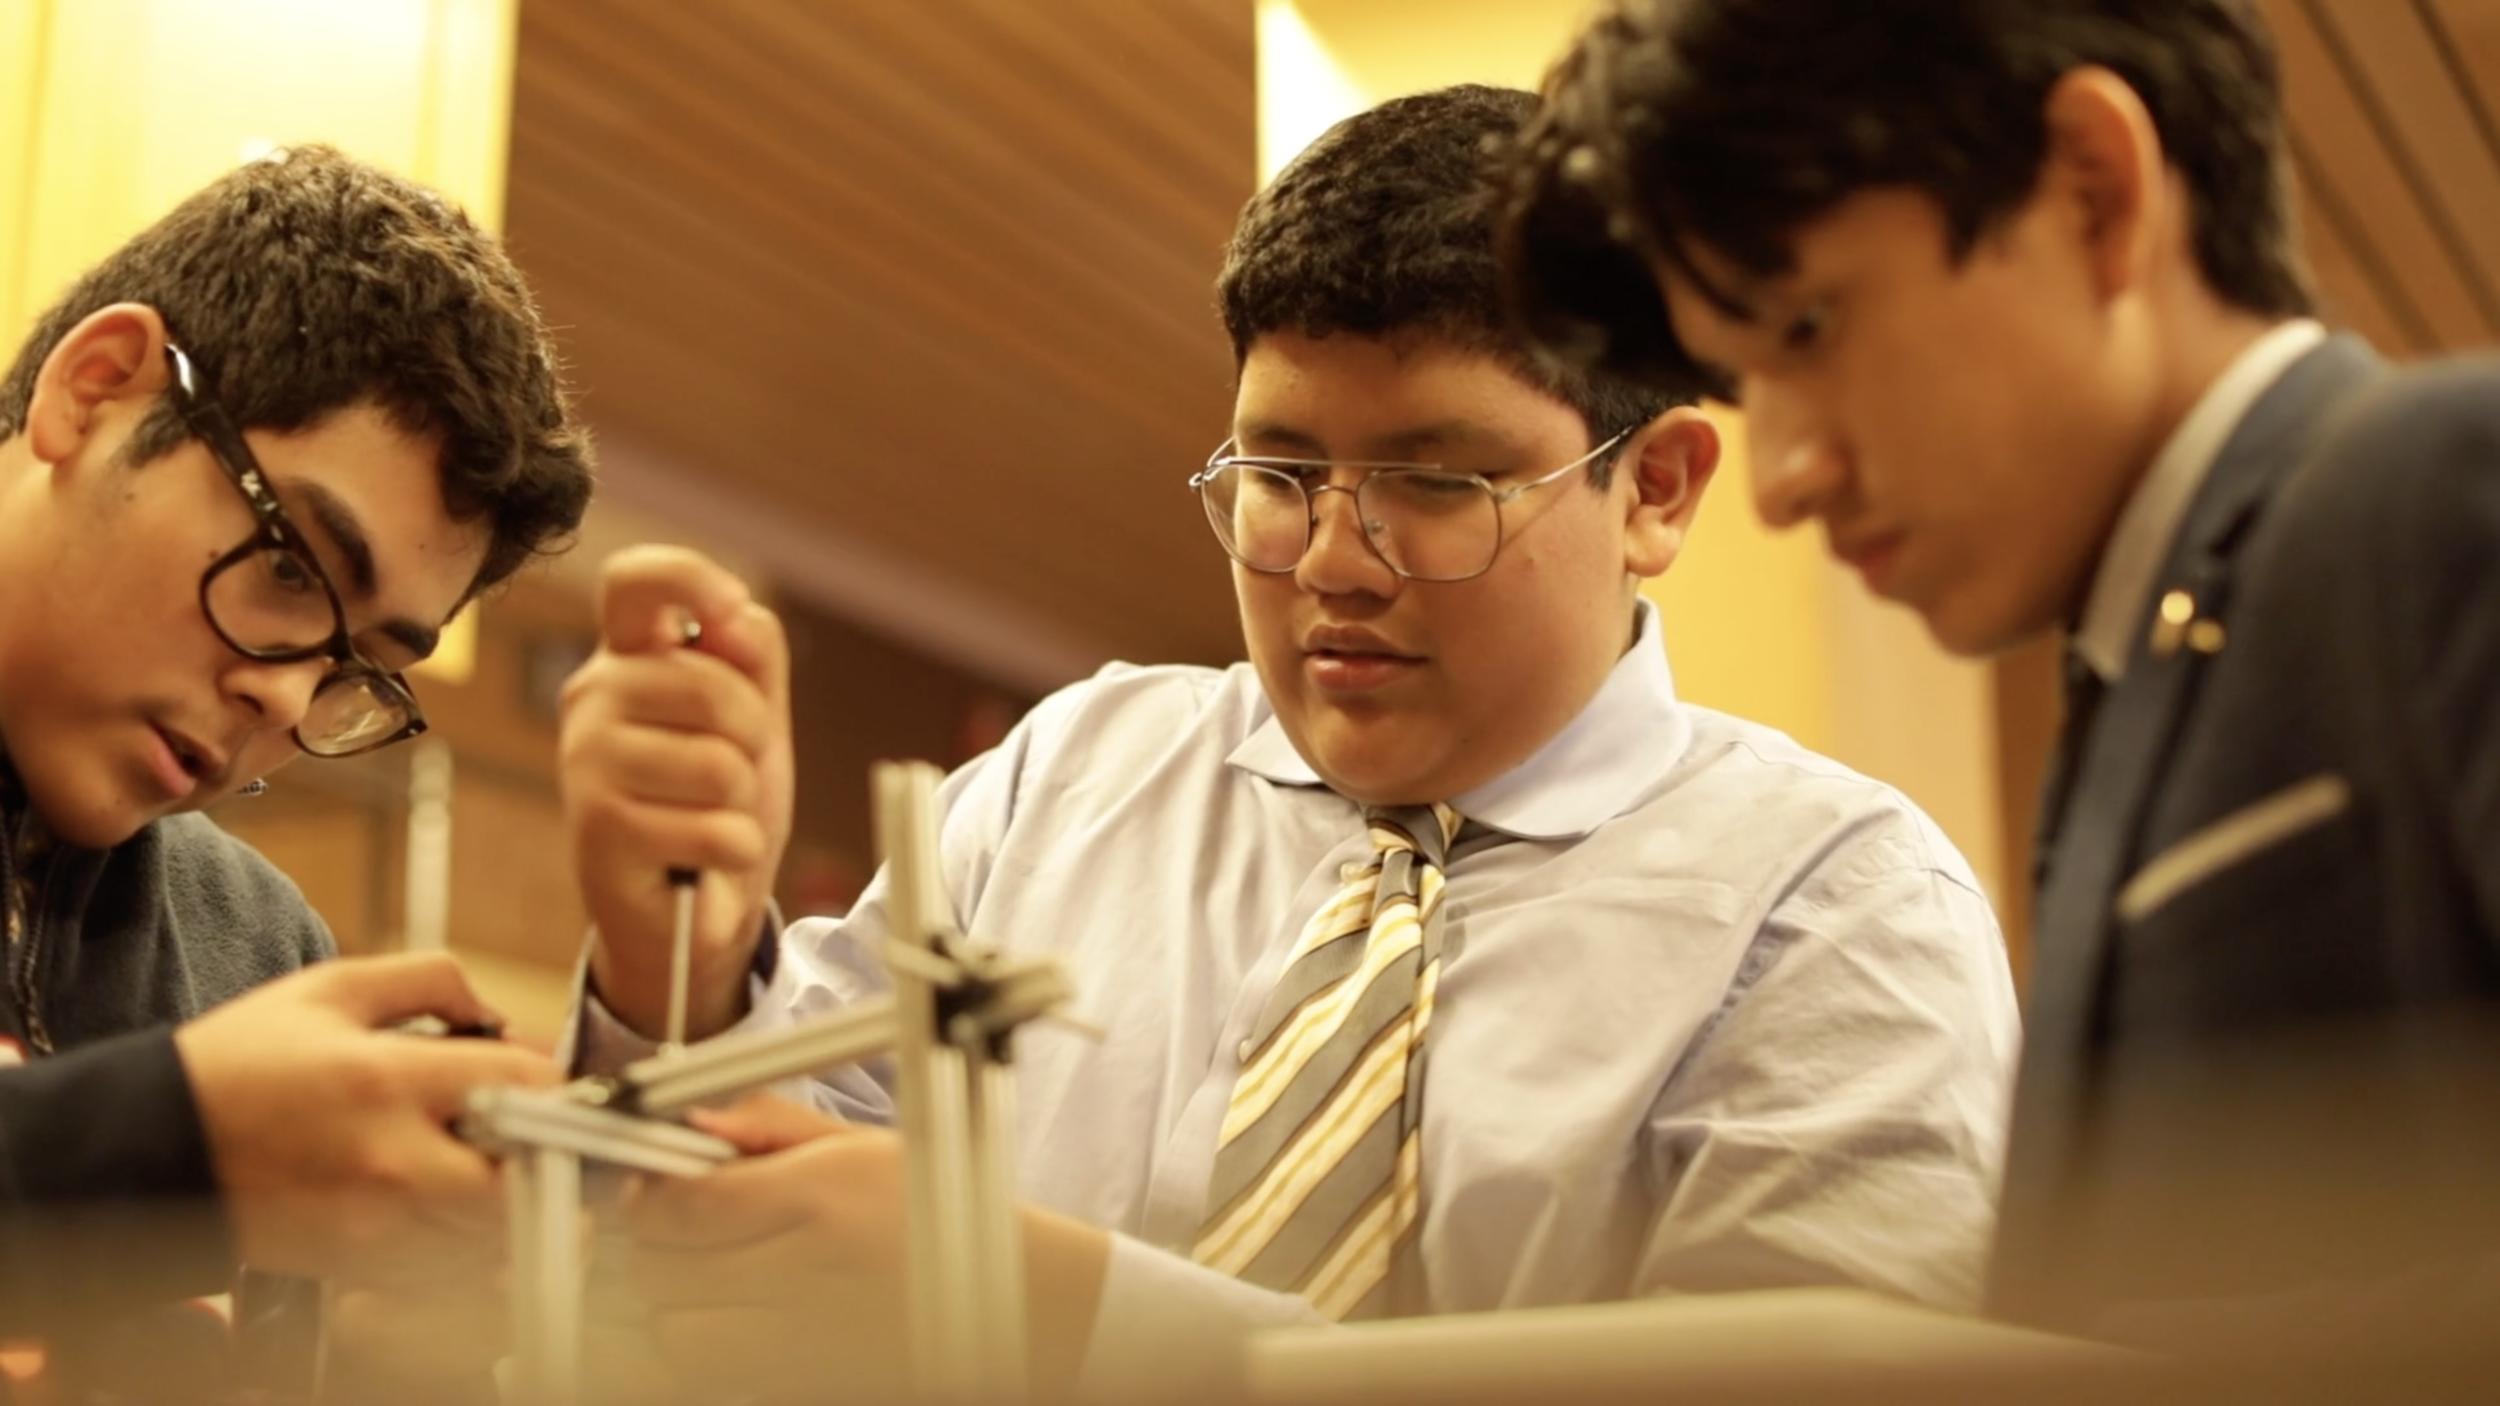 上层学校——勃朗宁的上层学校建立在高中年龄的学生和他们的老师之间的密切关系上.Learn More